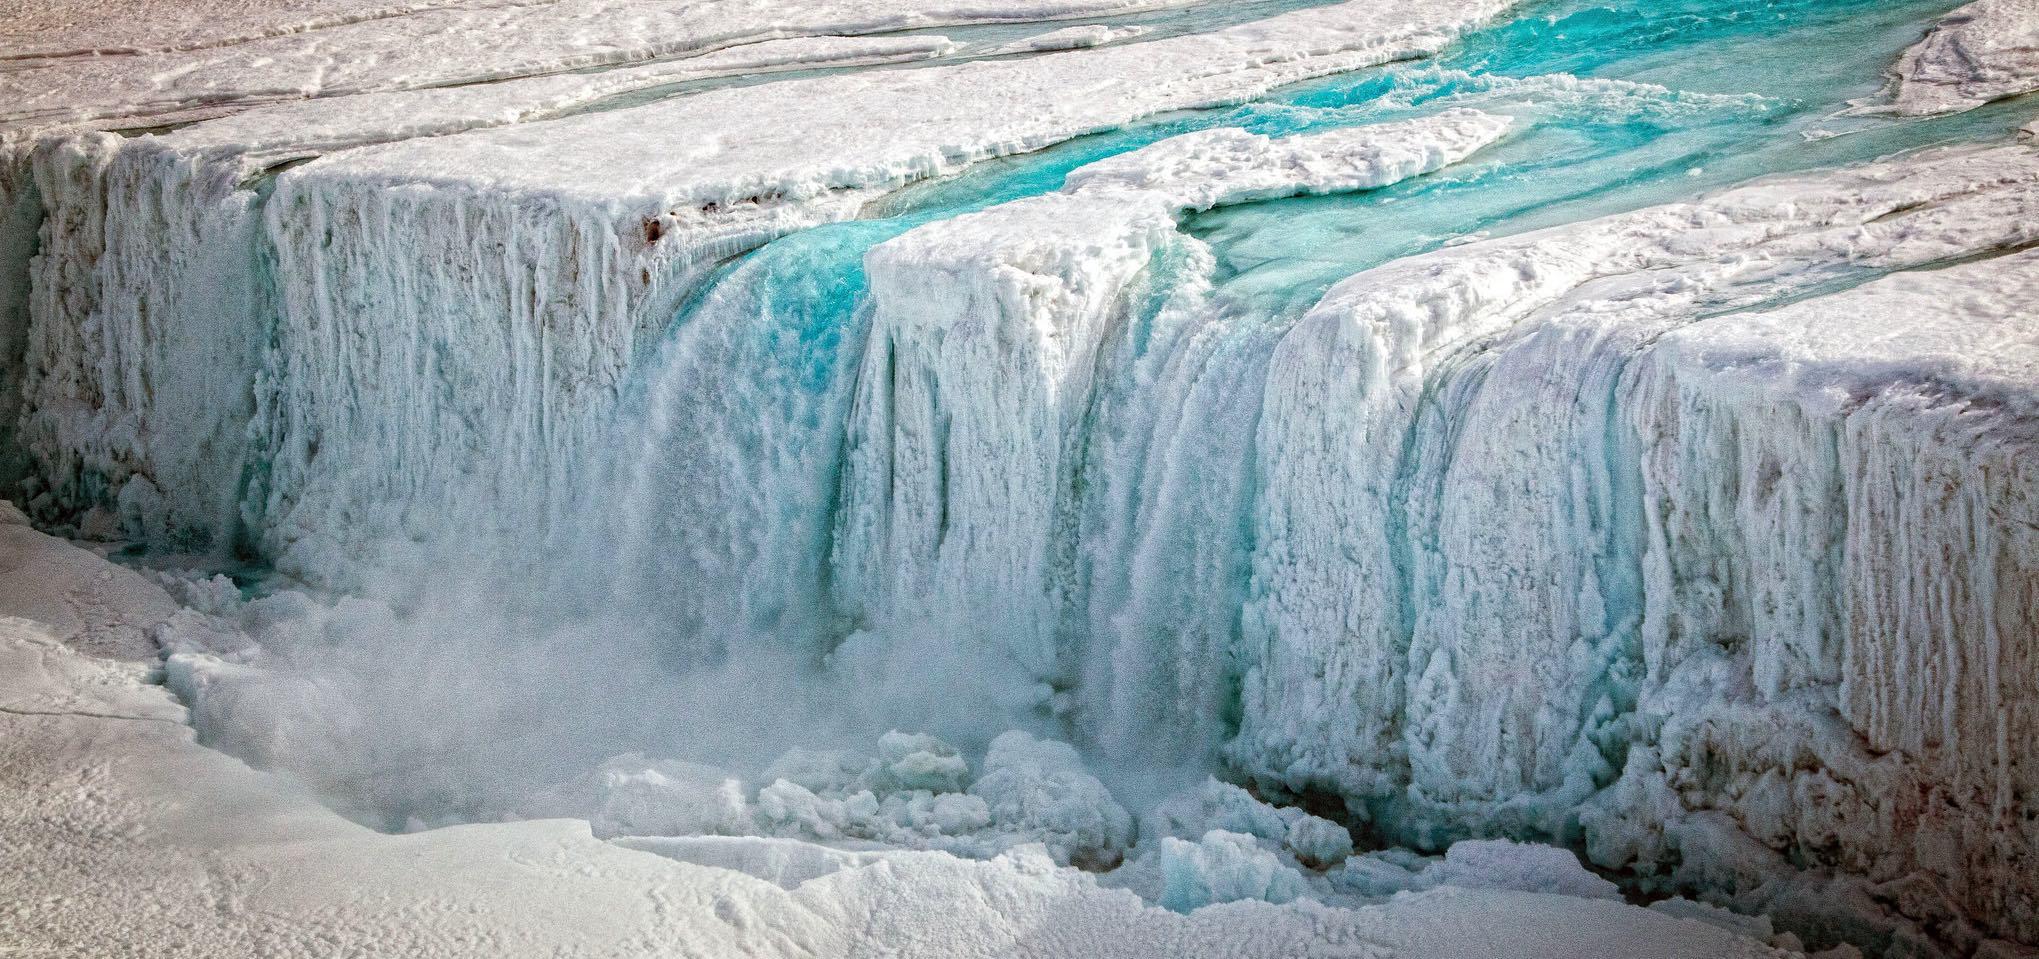 Antarctic waterfall (Photo: Stuart Rankin/Flickr)